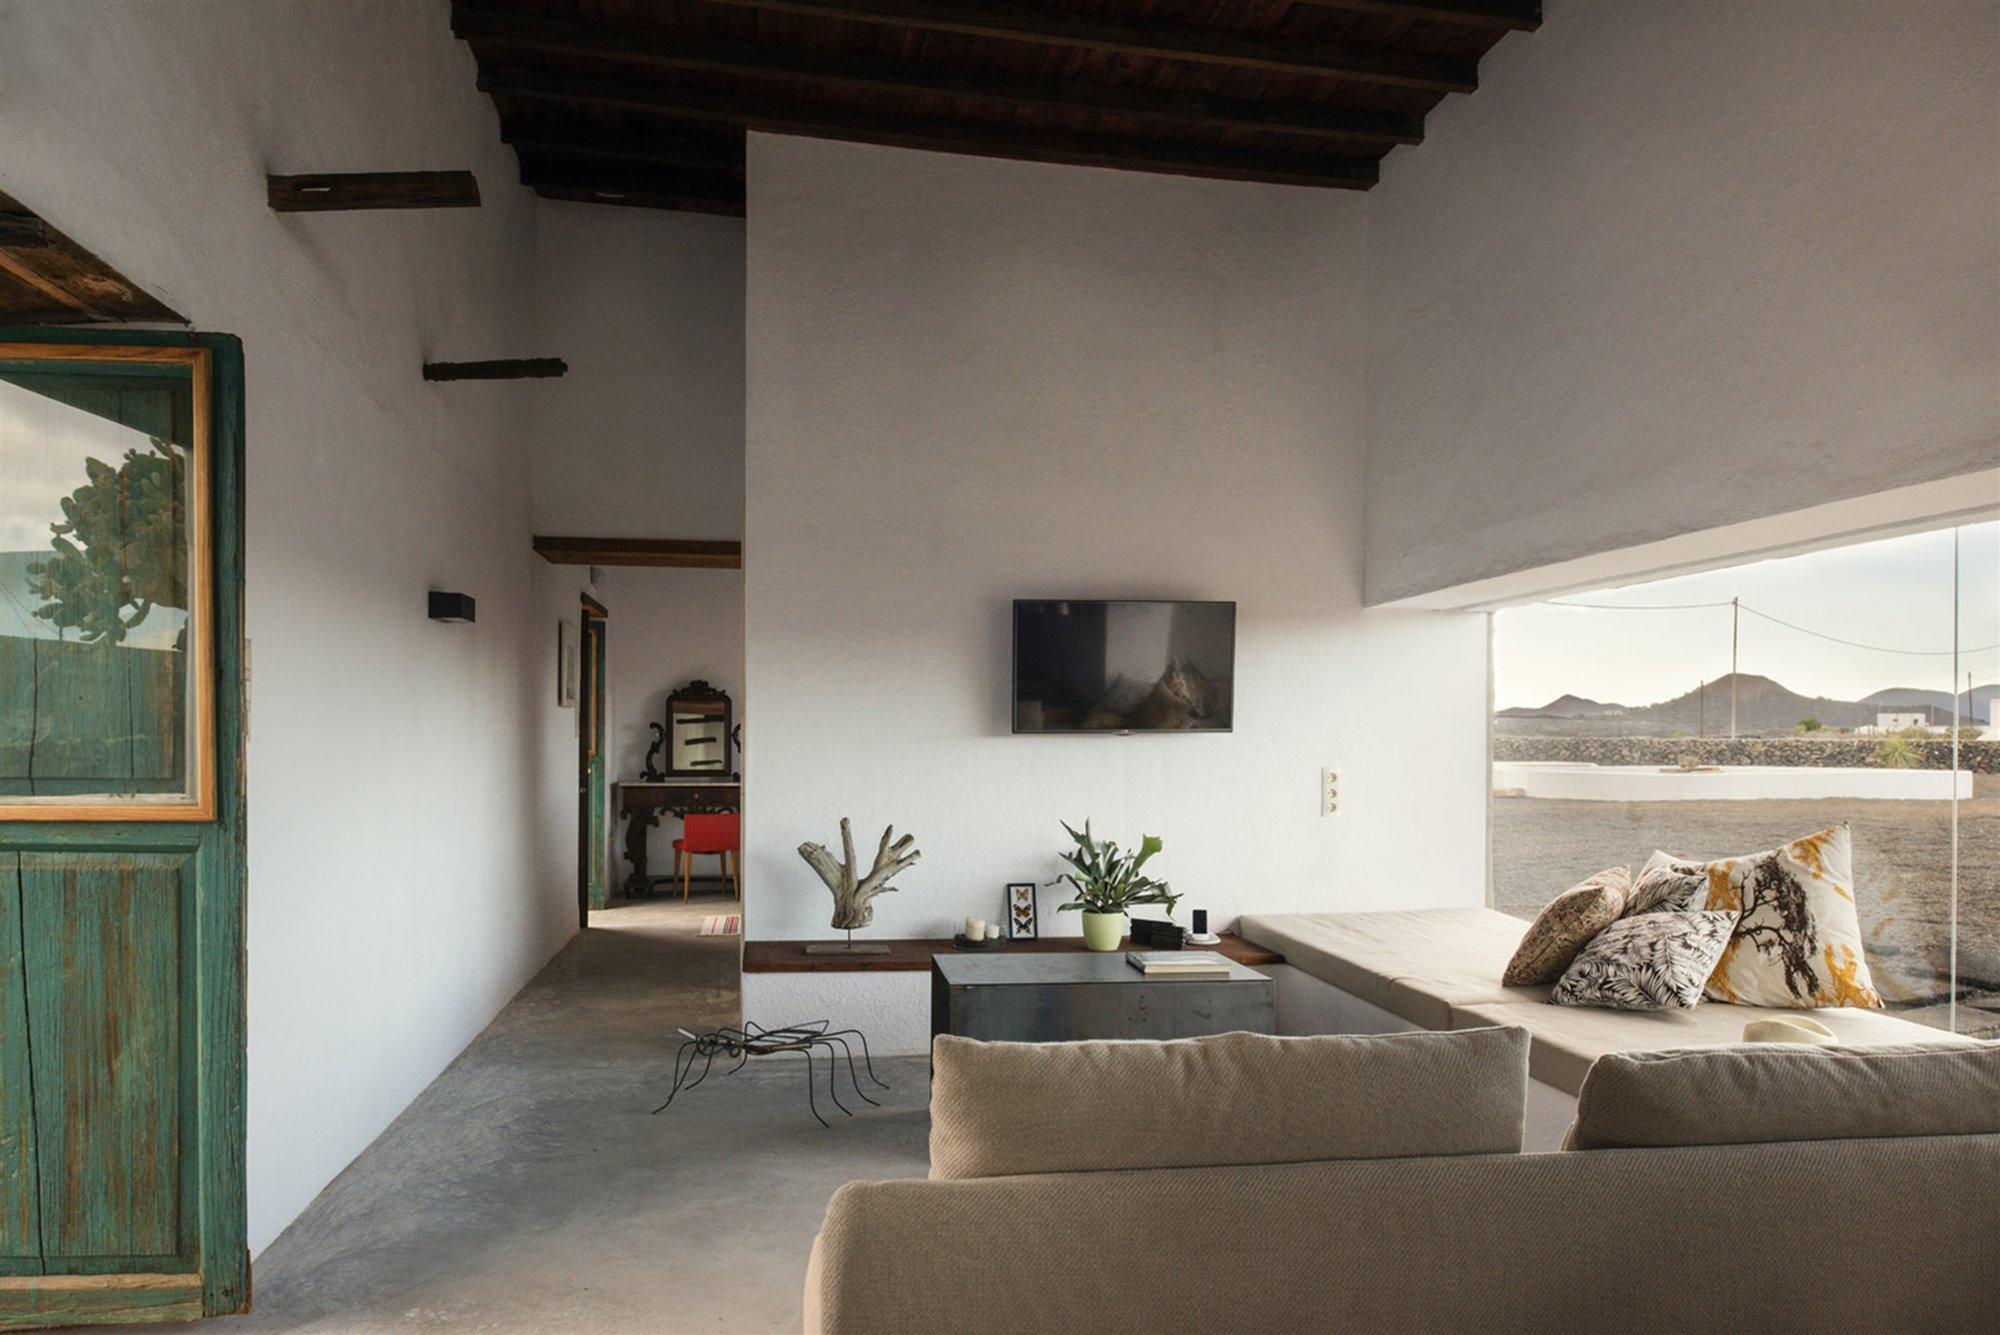 Casa de alquiler vacaciones en Lanzarote Buenavista